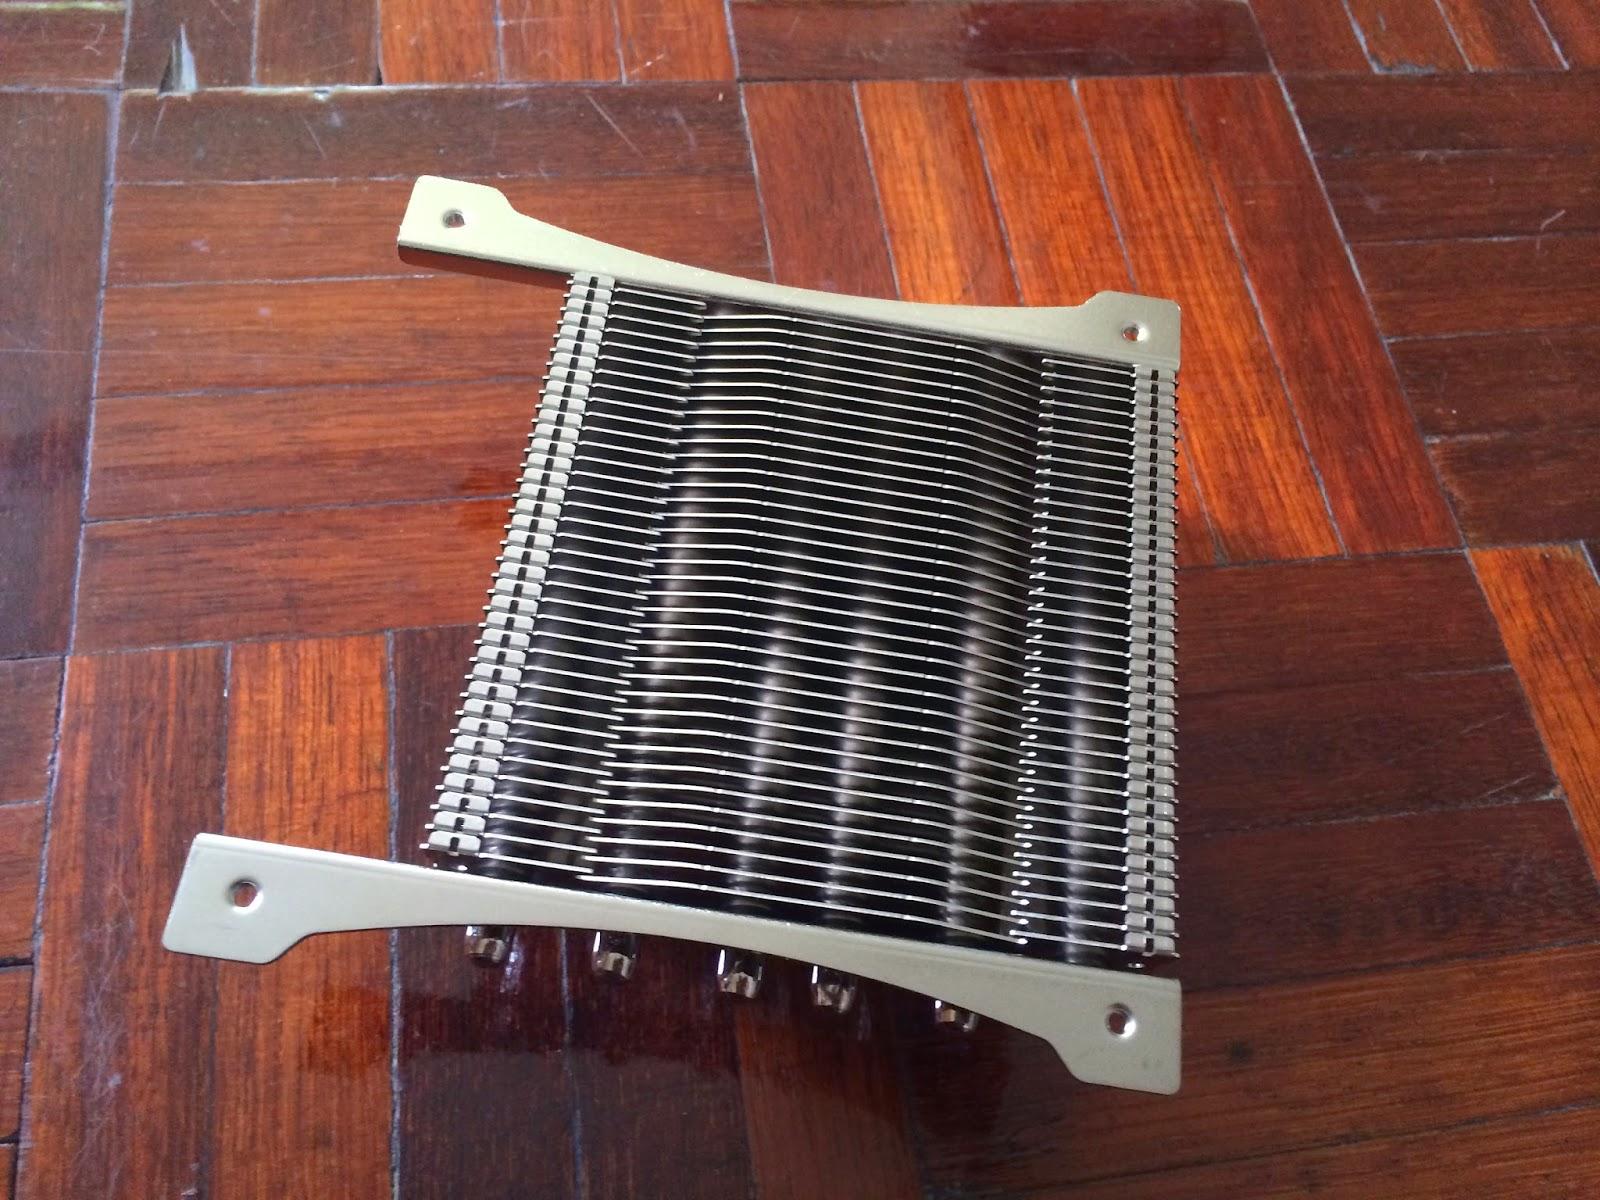 Unboxing & Review: Prolimatech Samuel 17 Low Profile CPU Cooler 3